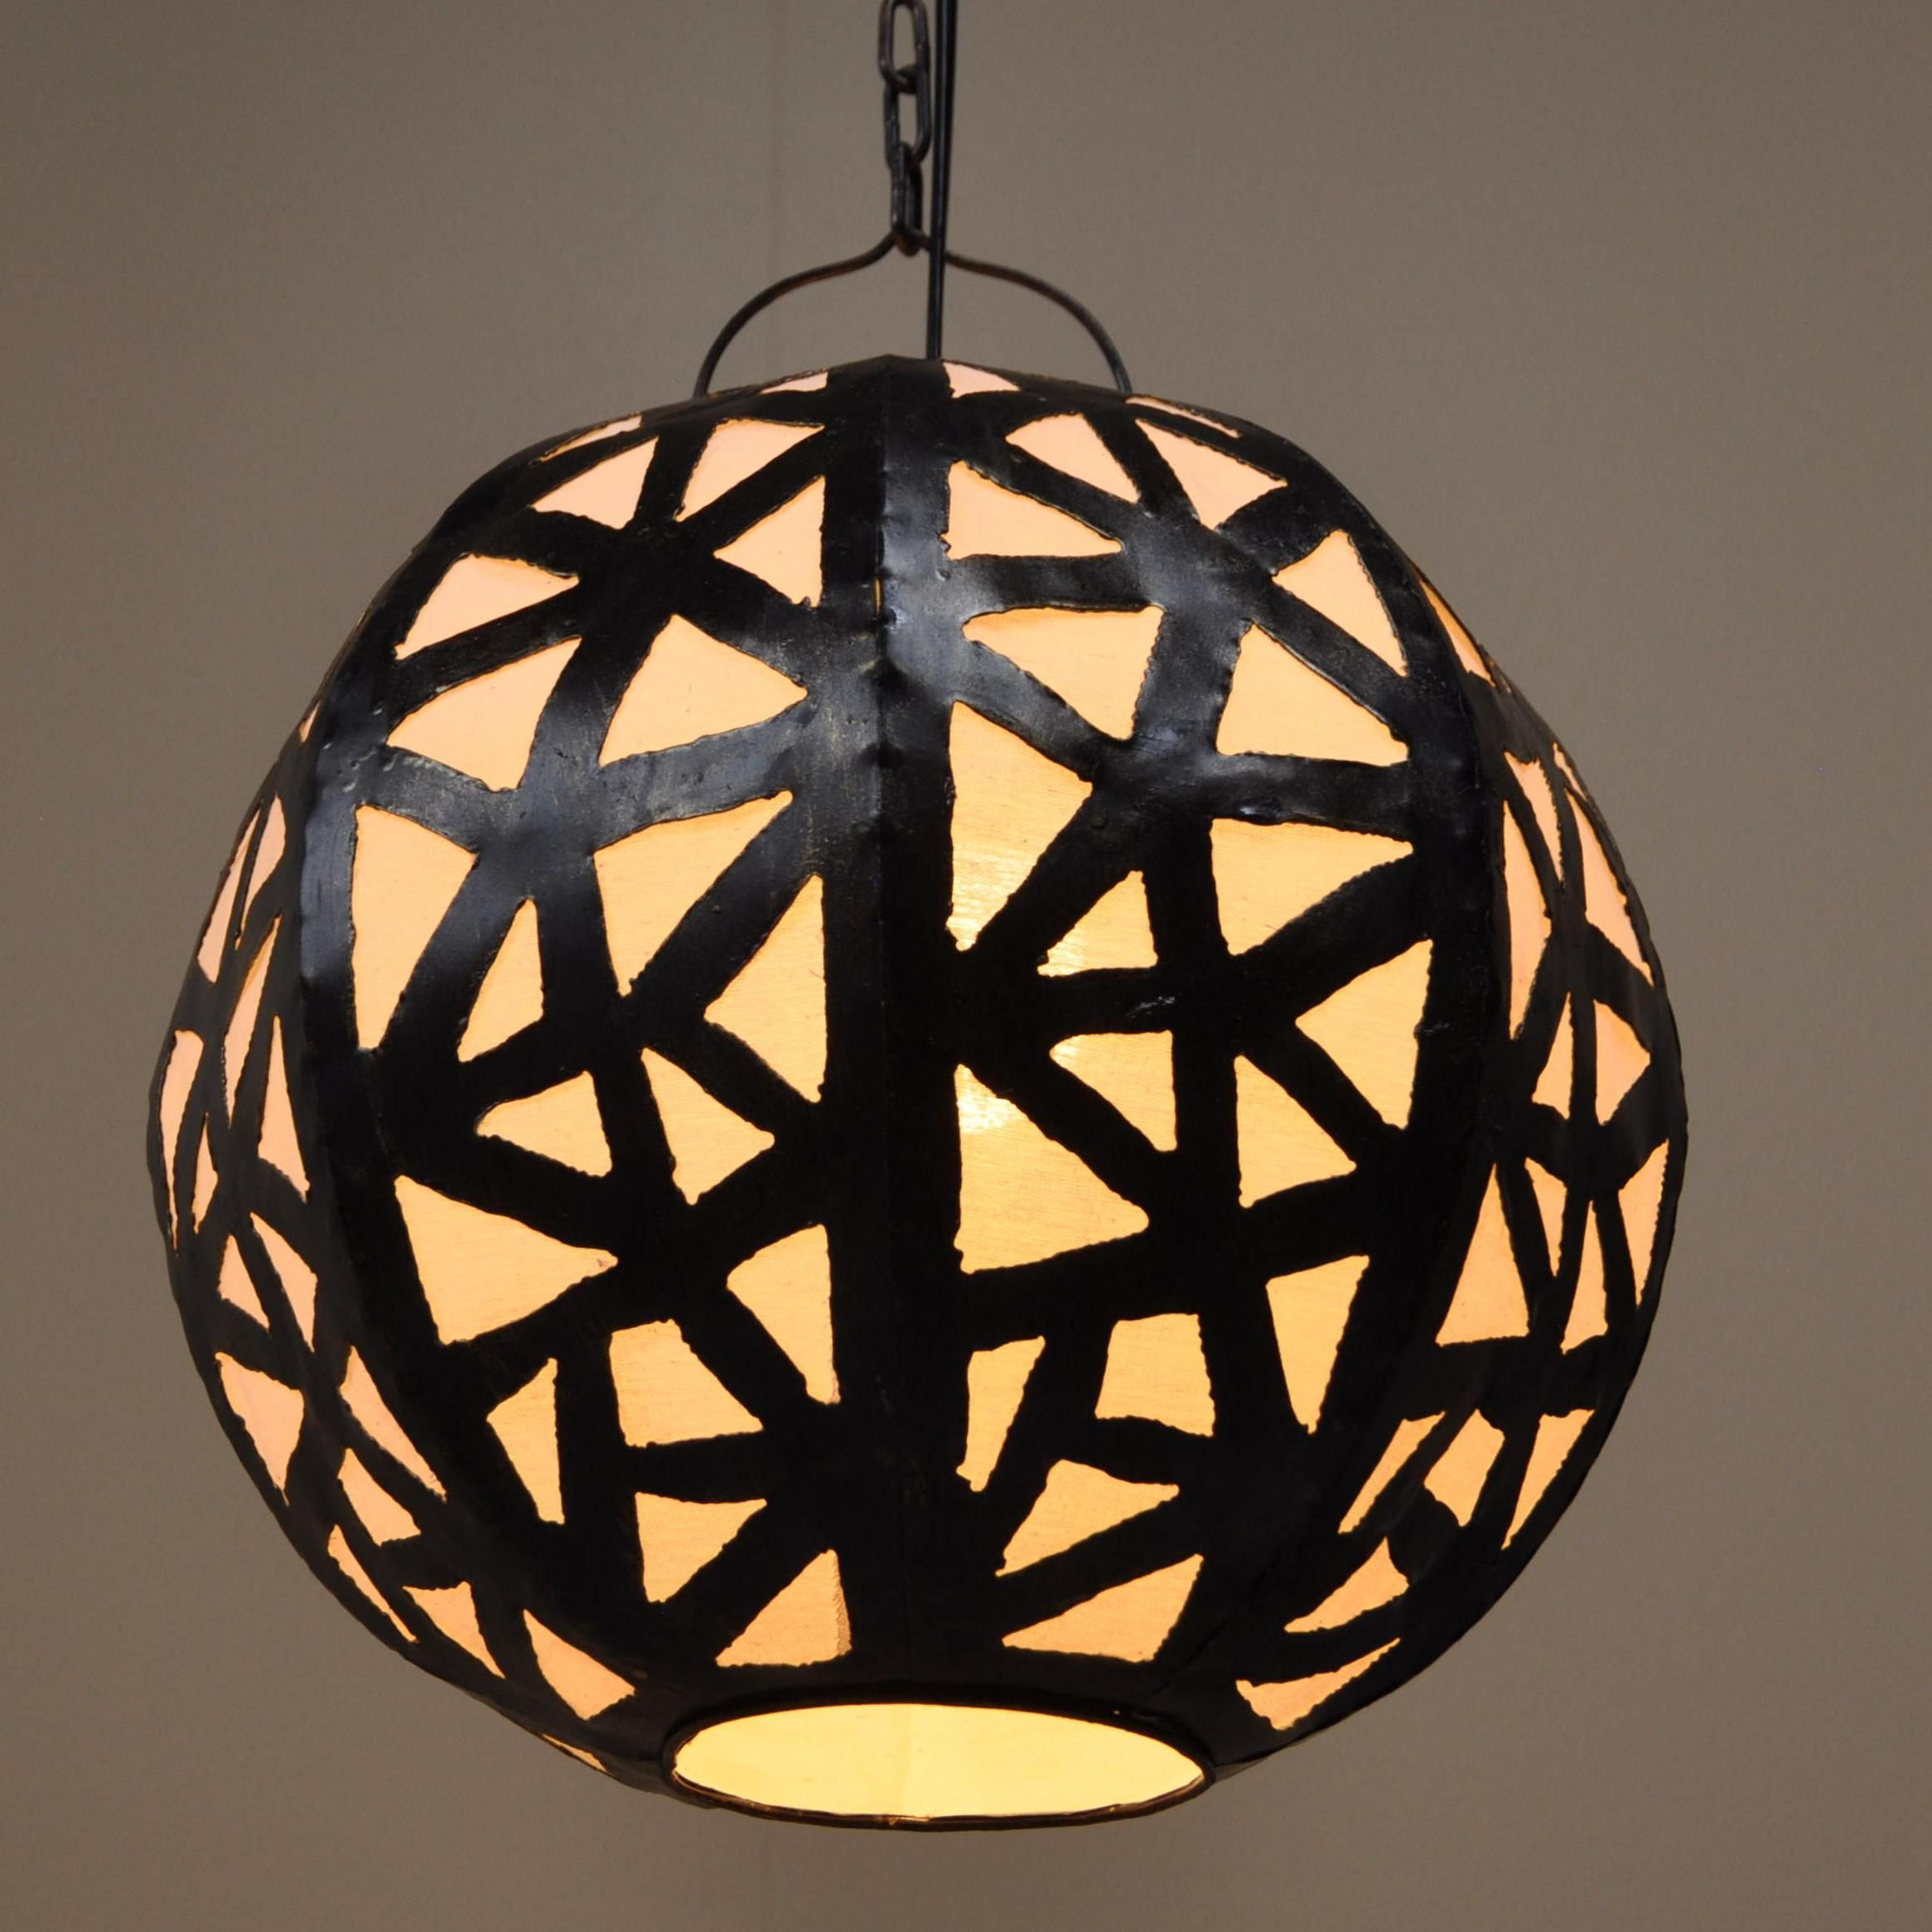 Luminaire lustre suspendu acier rond blanc d 35 cm - Wanda collection ...